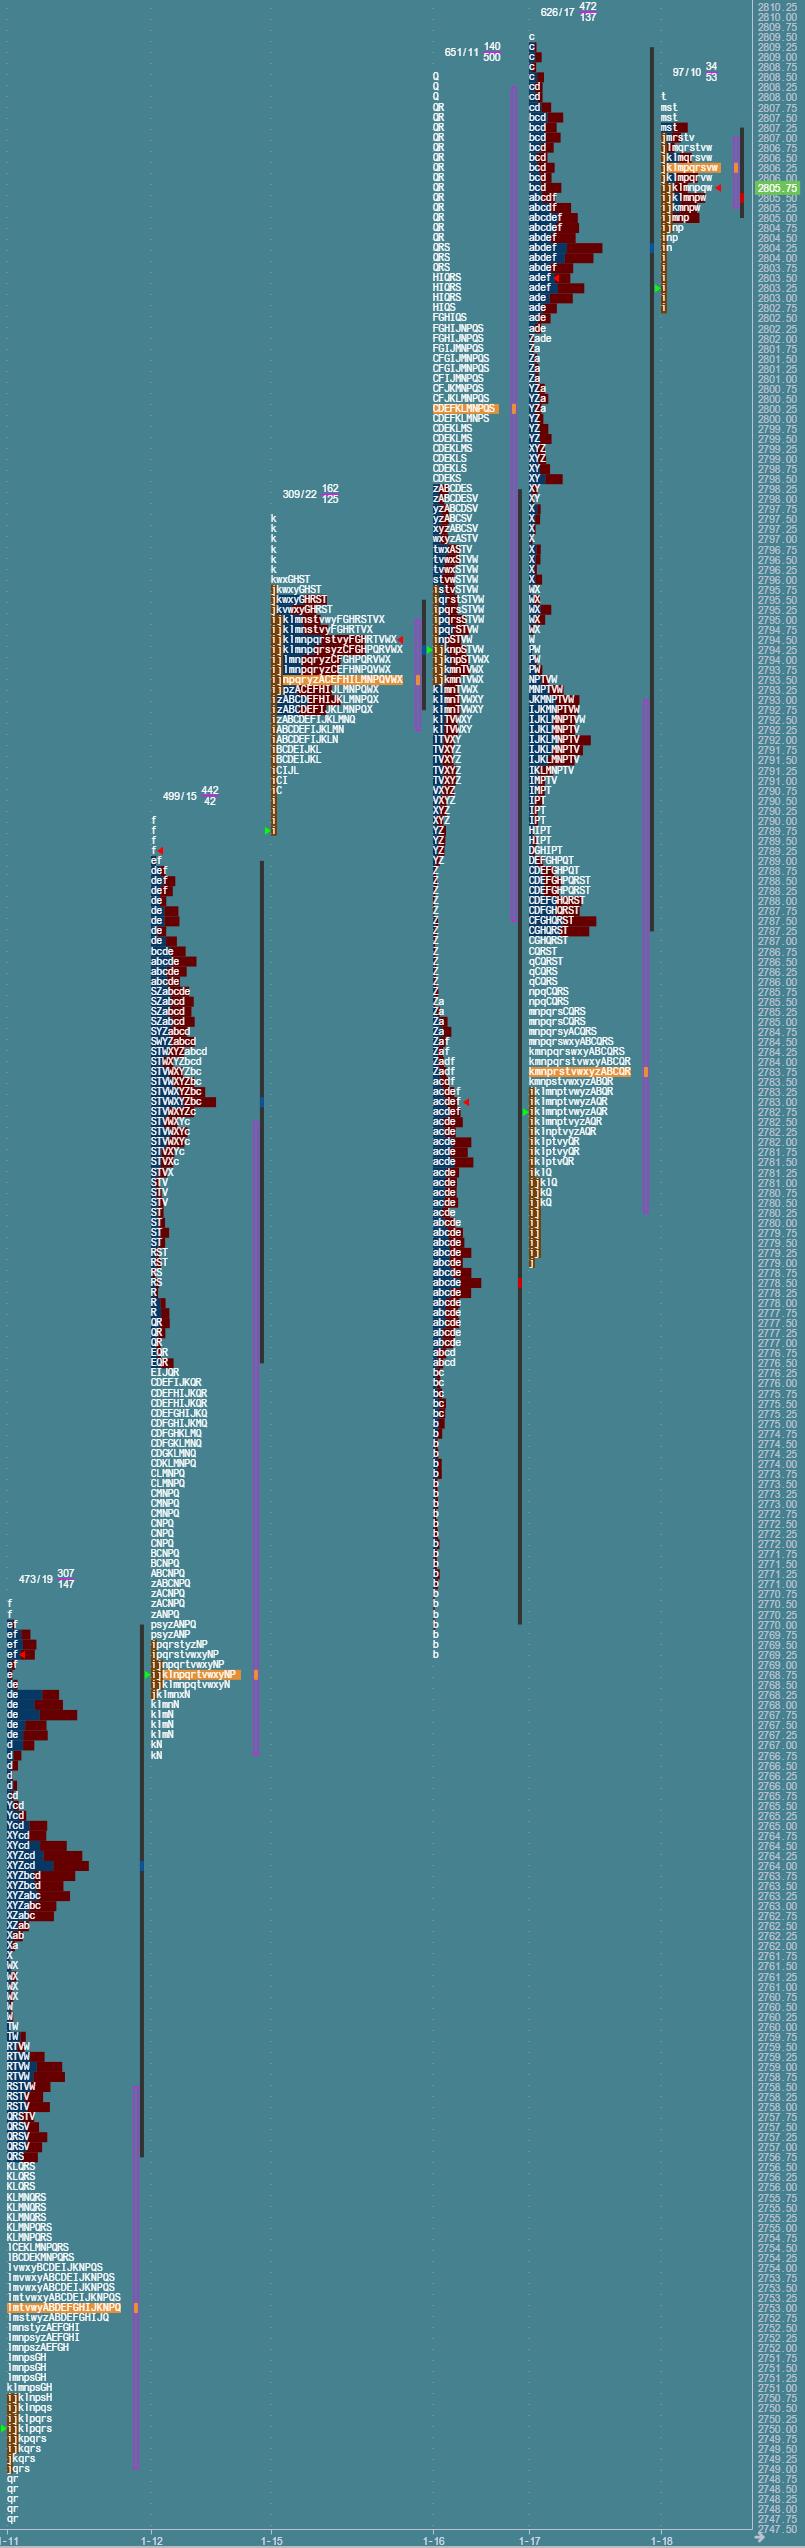 Przygotowane do sesji: market profile z 18 stycznia